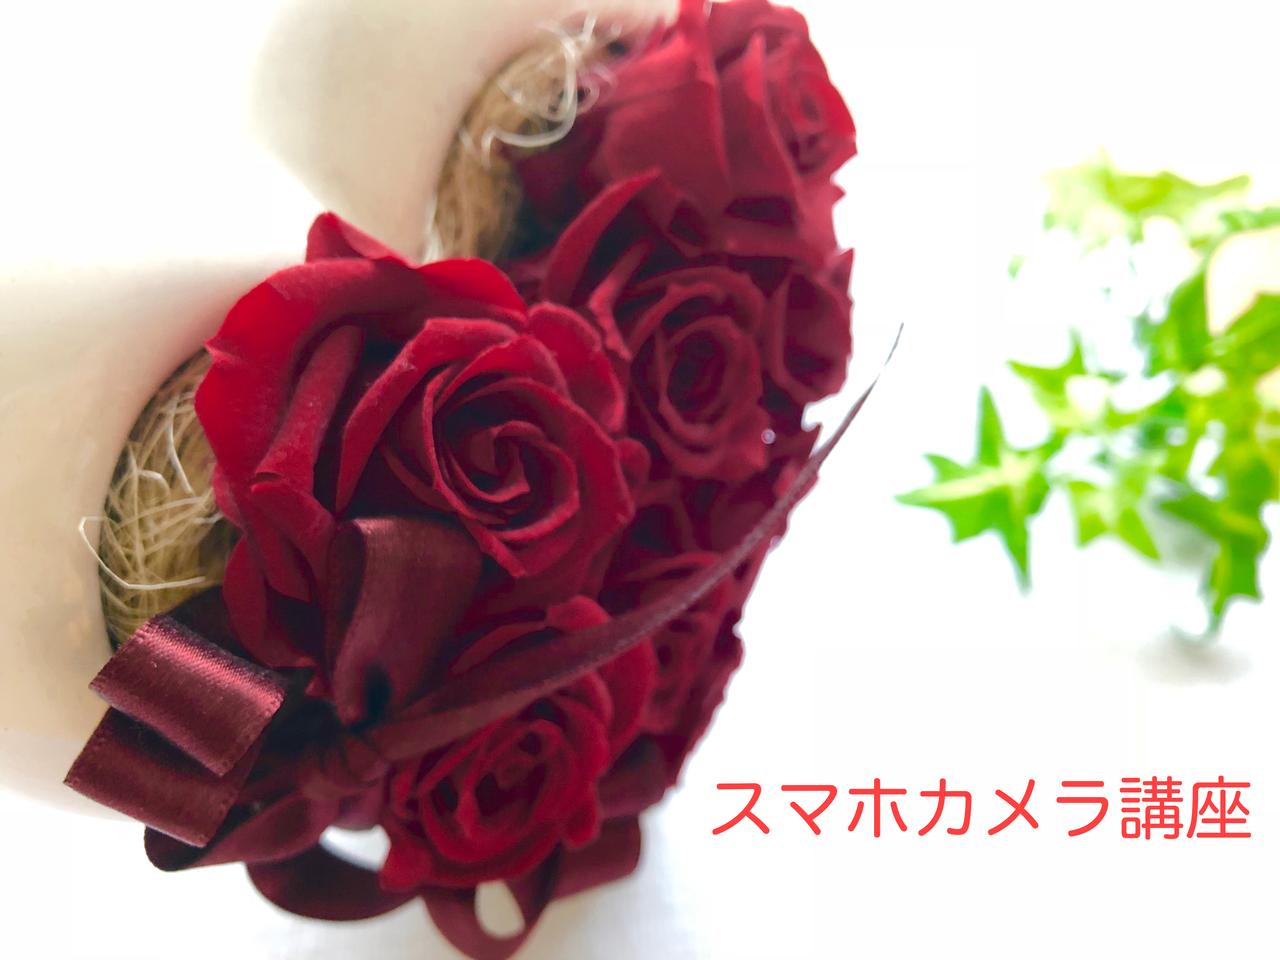 3/14 (昼)  3/16(夜) ふれあい♡フォトひろば~スマホカメラレッスン